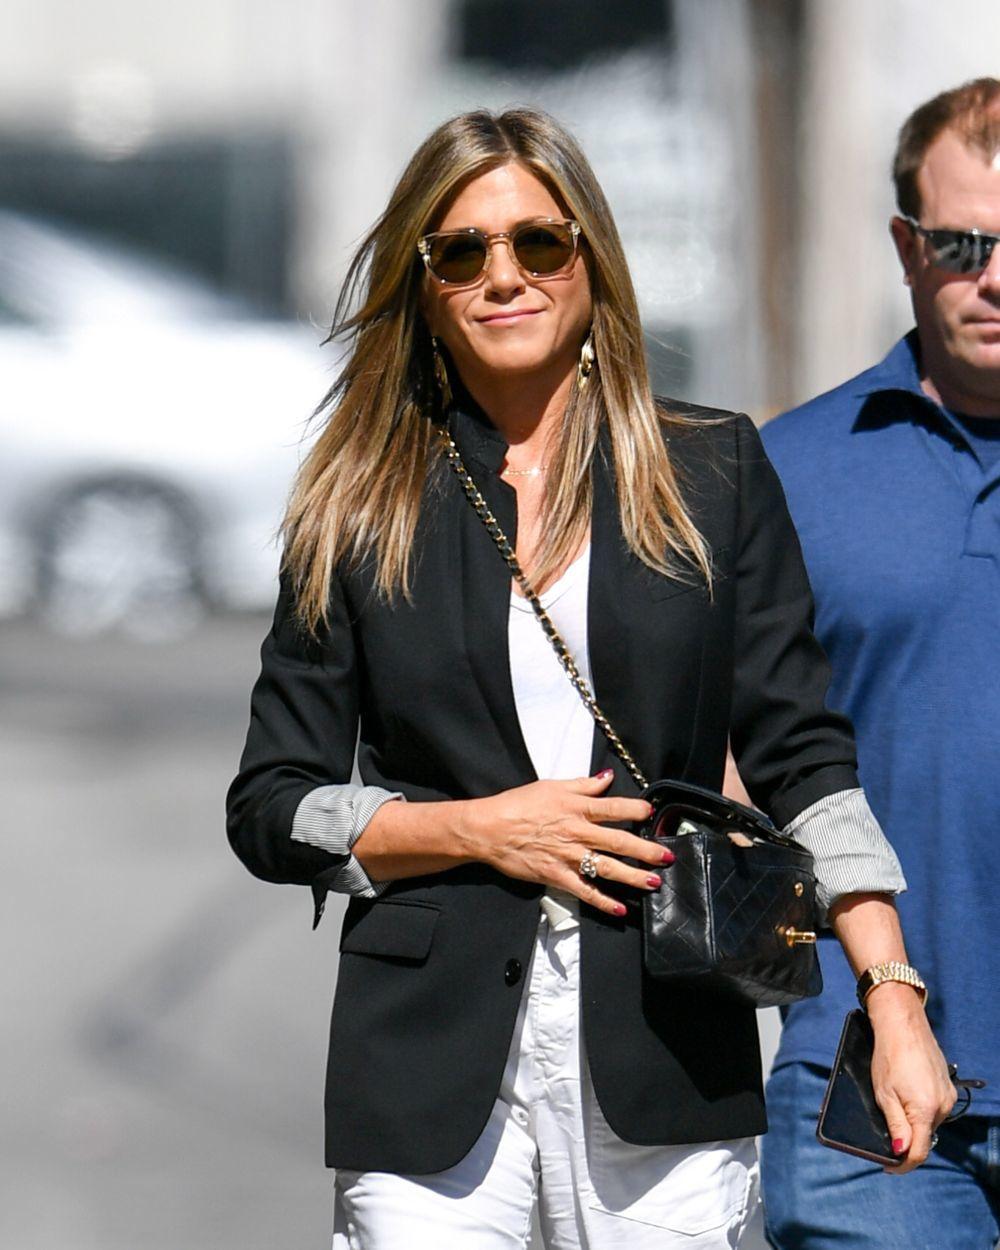 Las mechas foilyage con matices miel de Jennifer Aniston llenas de brillo inspiran todos nuestros looks de pelo largo a cualquier edad.